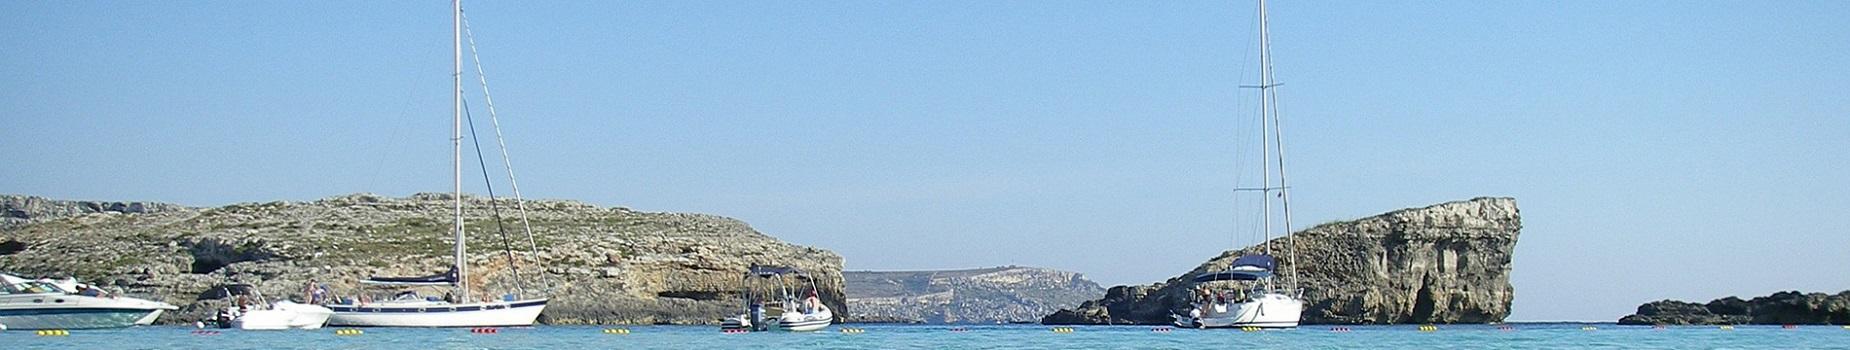 Vliegvelden Malta